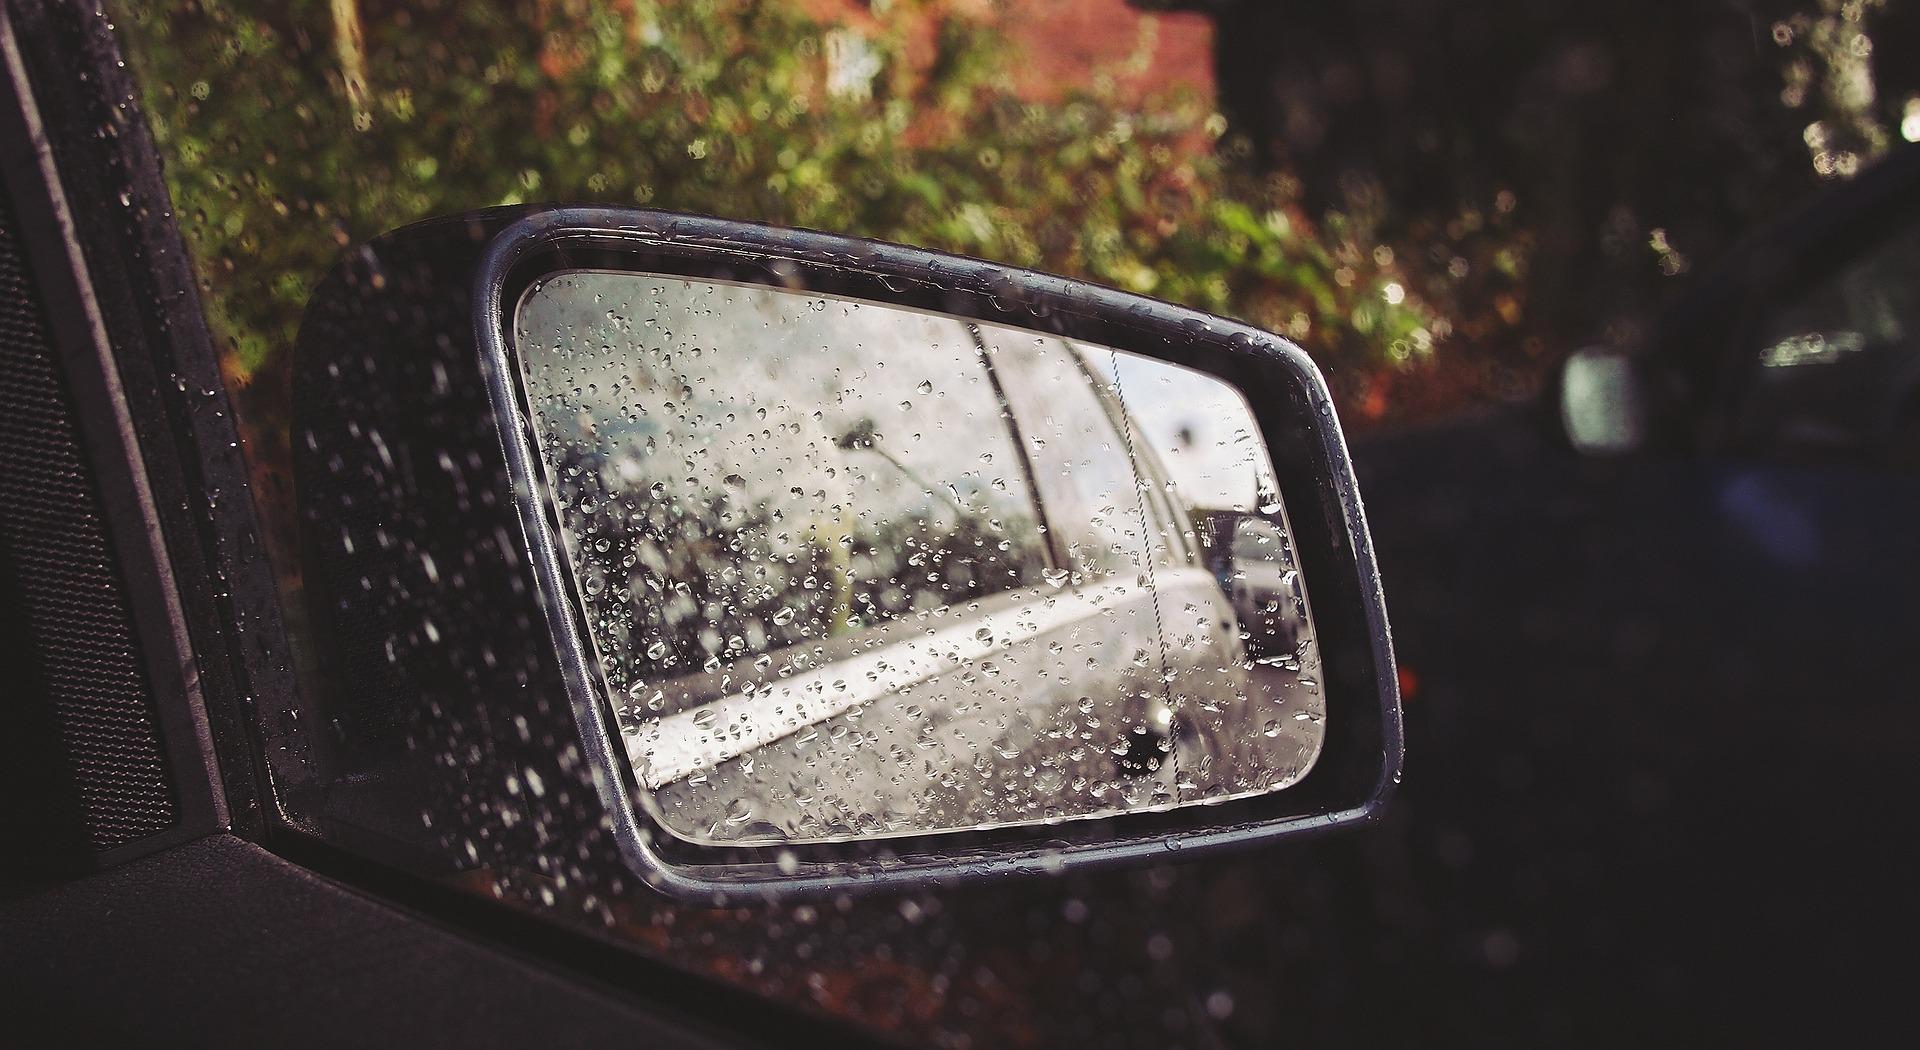 Para conducir con una DANA, extrema las medidas de precaución al volante.